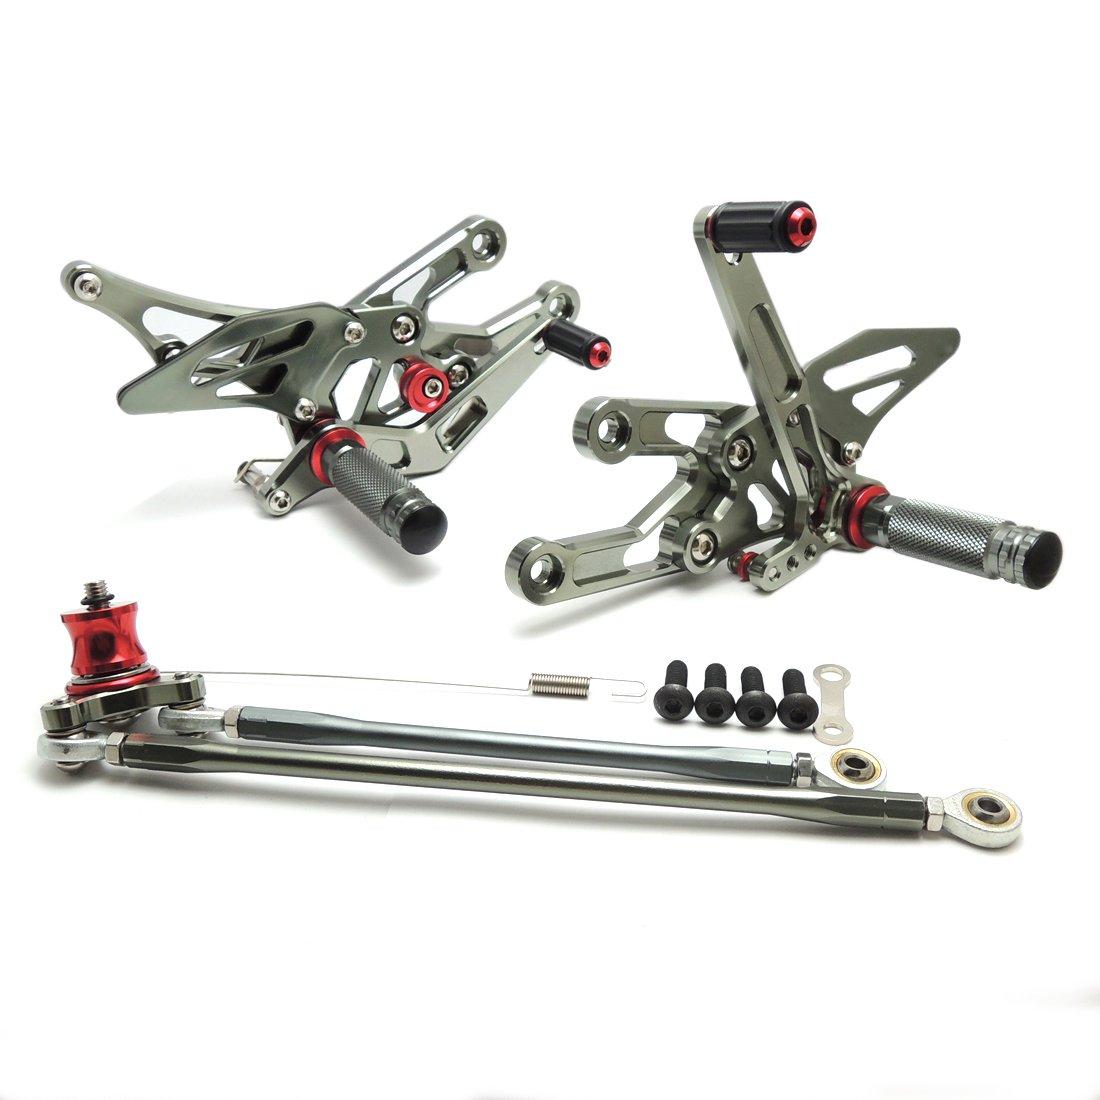 Honda CBR600RR 2003-2006 CBR 600 RR Rearsets Rear sets Foot Rest Adjustable Footpeg for Honda CBR1000RR 2004-2007